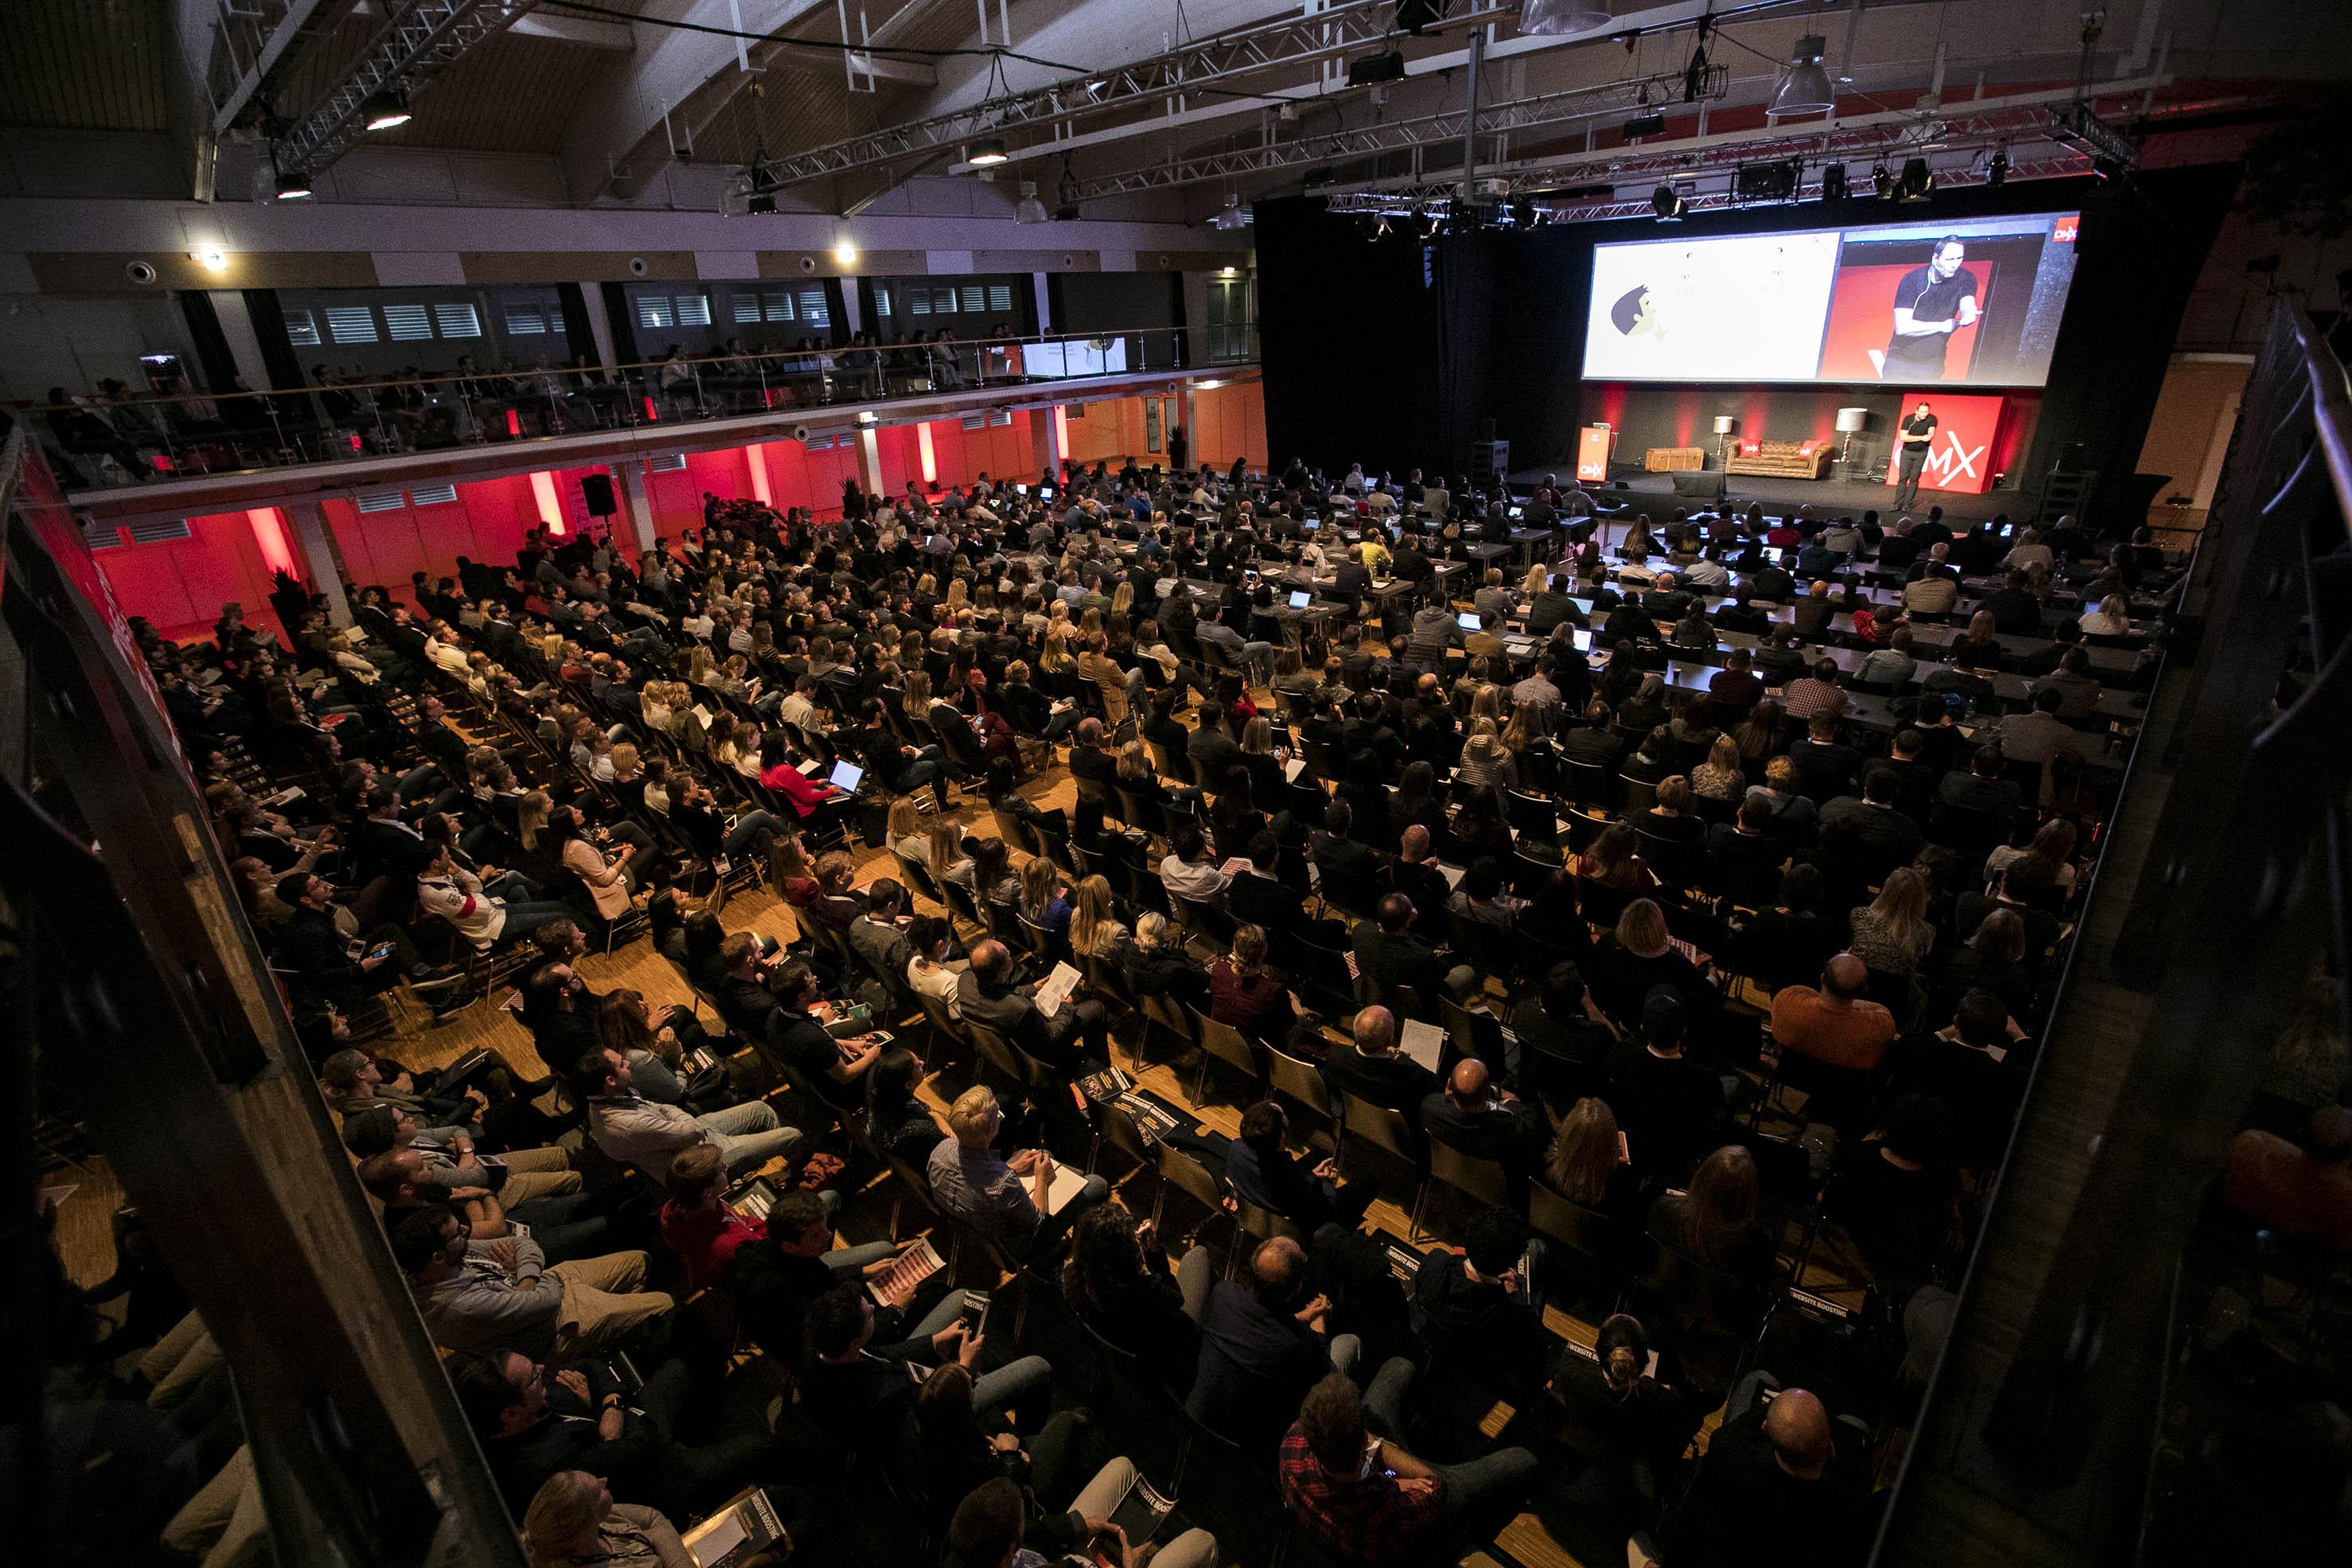 Voller Saal bei der OMX 2017